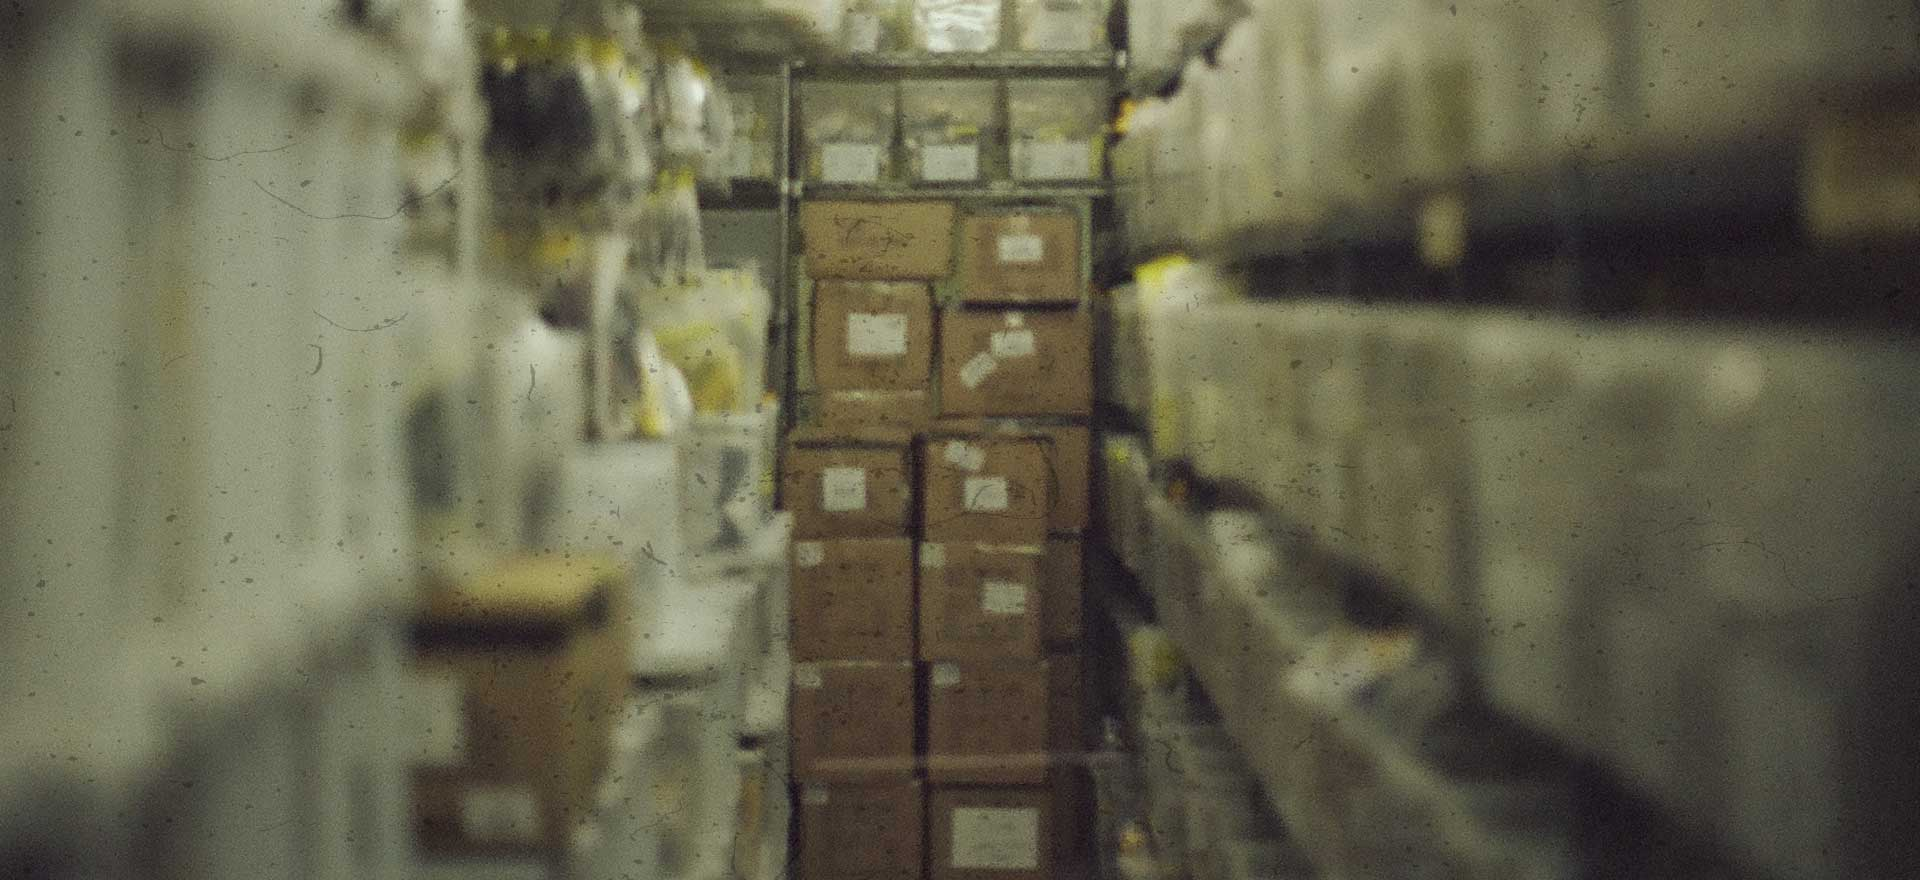 Gecom first warehouse